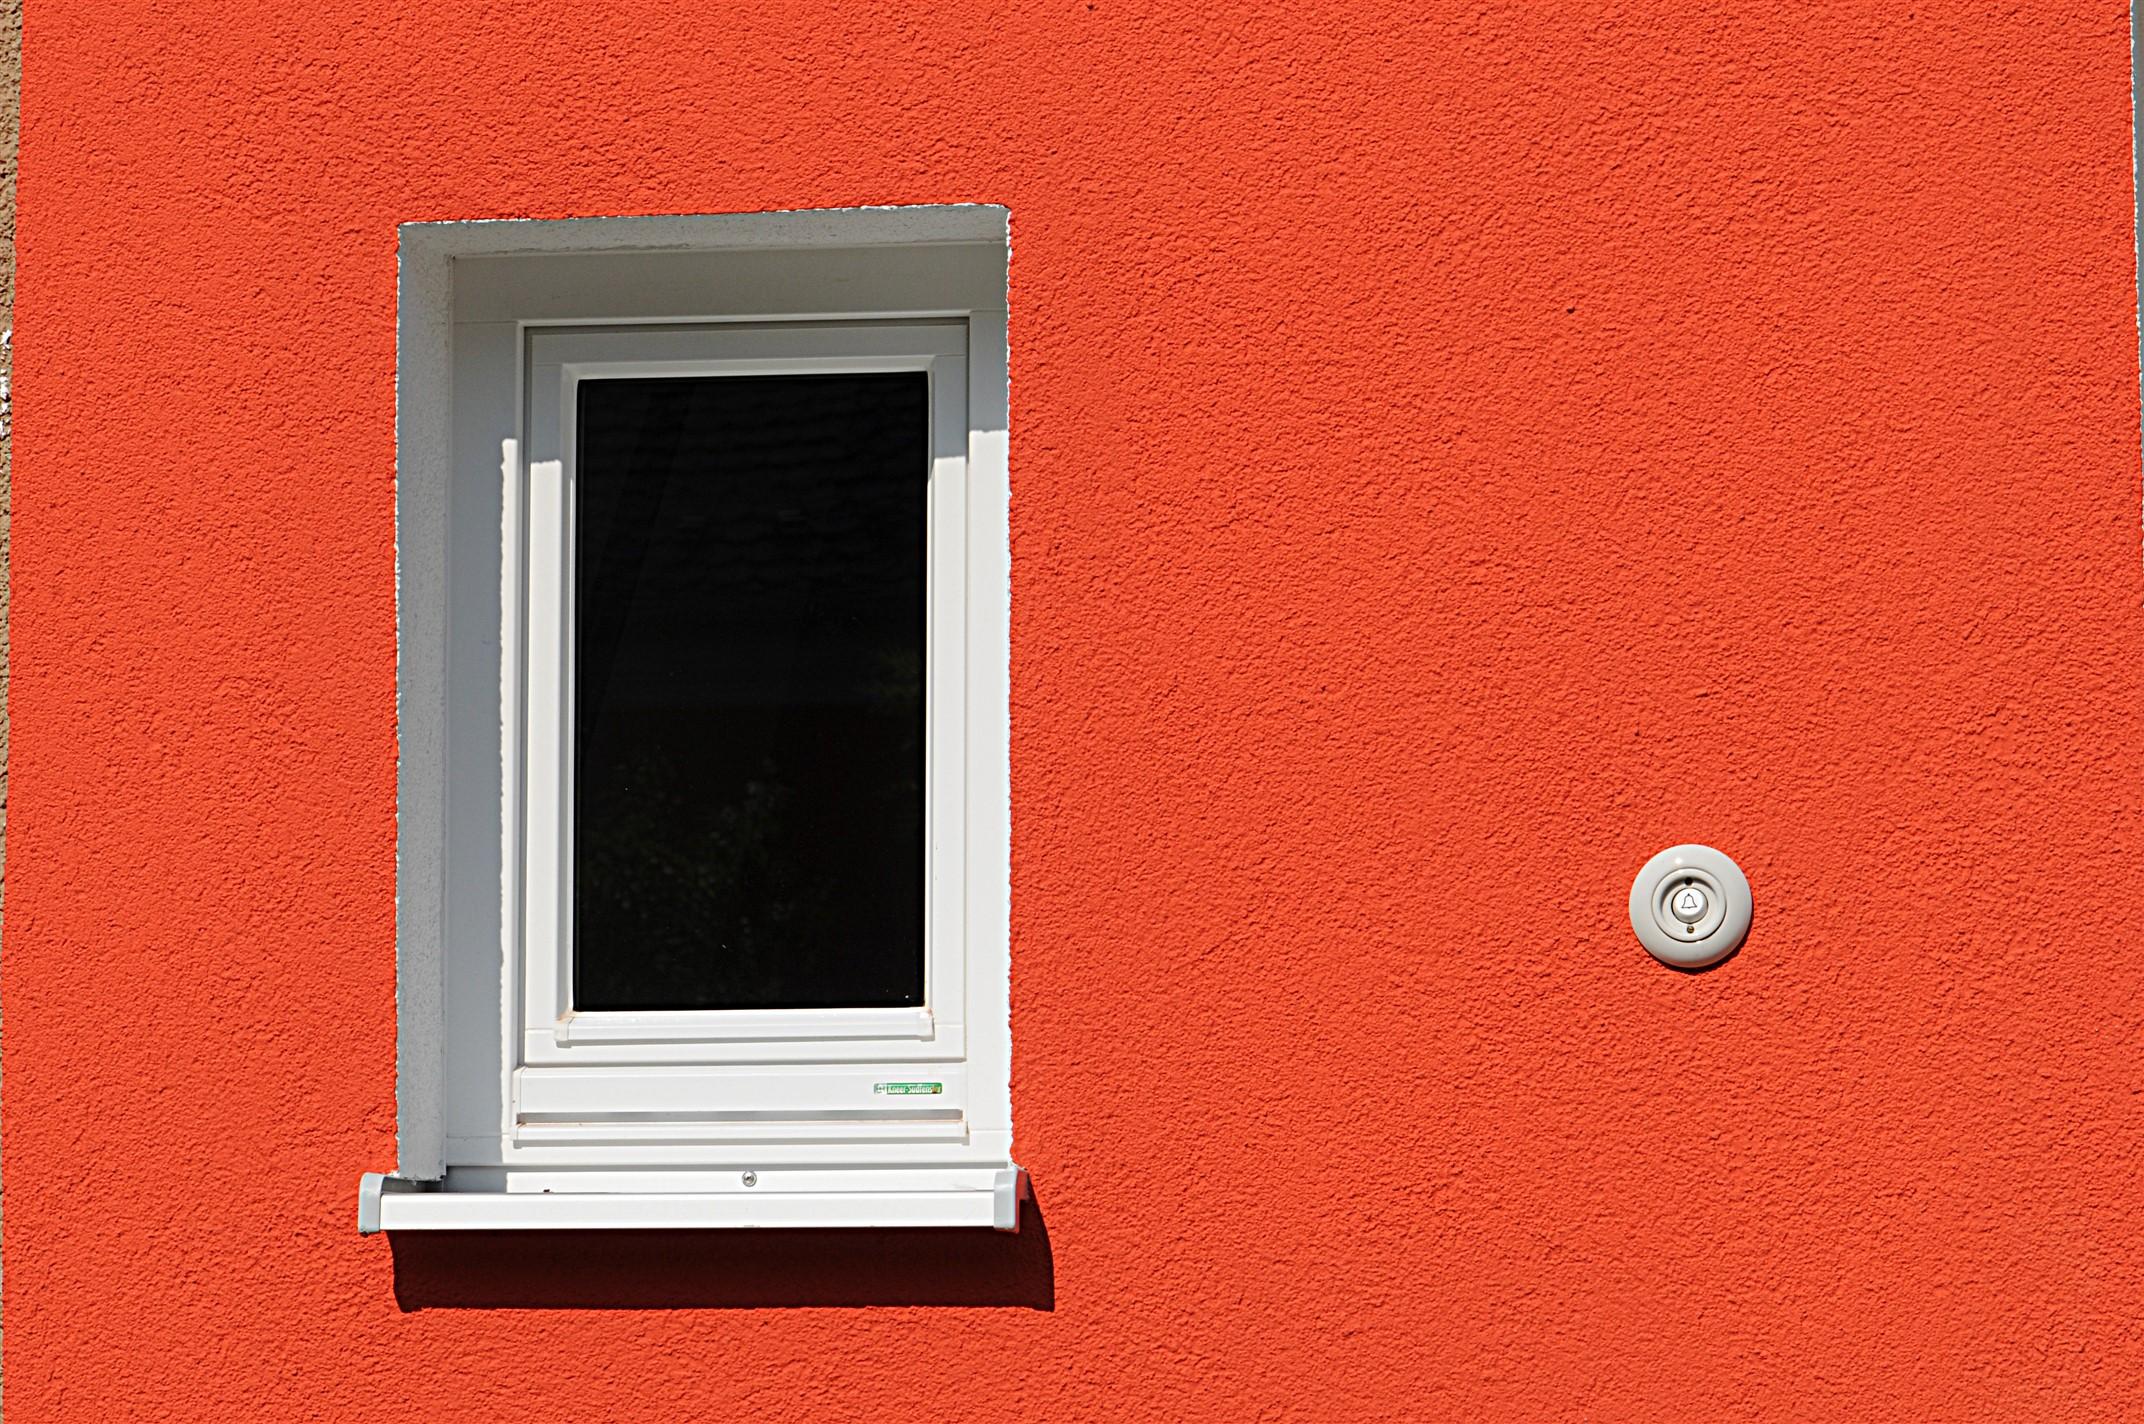 Nahaufnahme rote Hausfassade mit einem Fenster und einer weißen Klingel